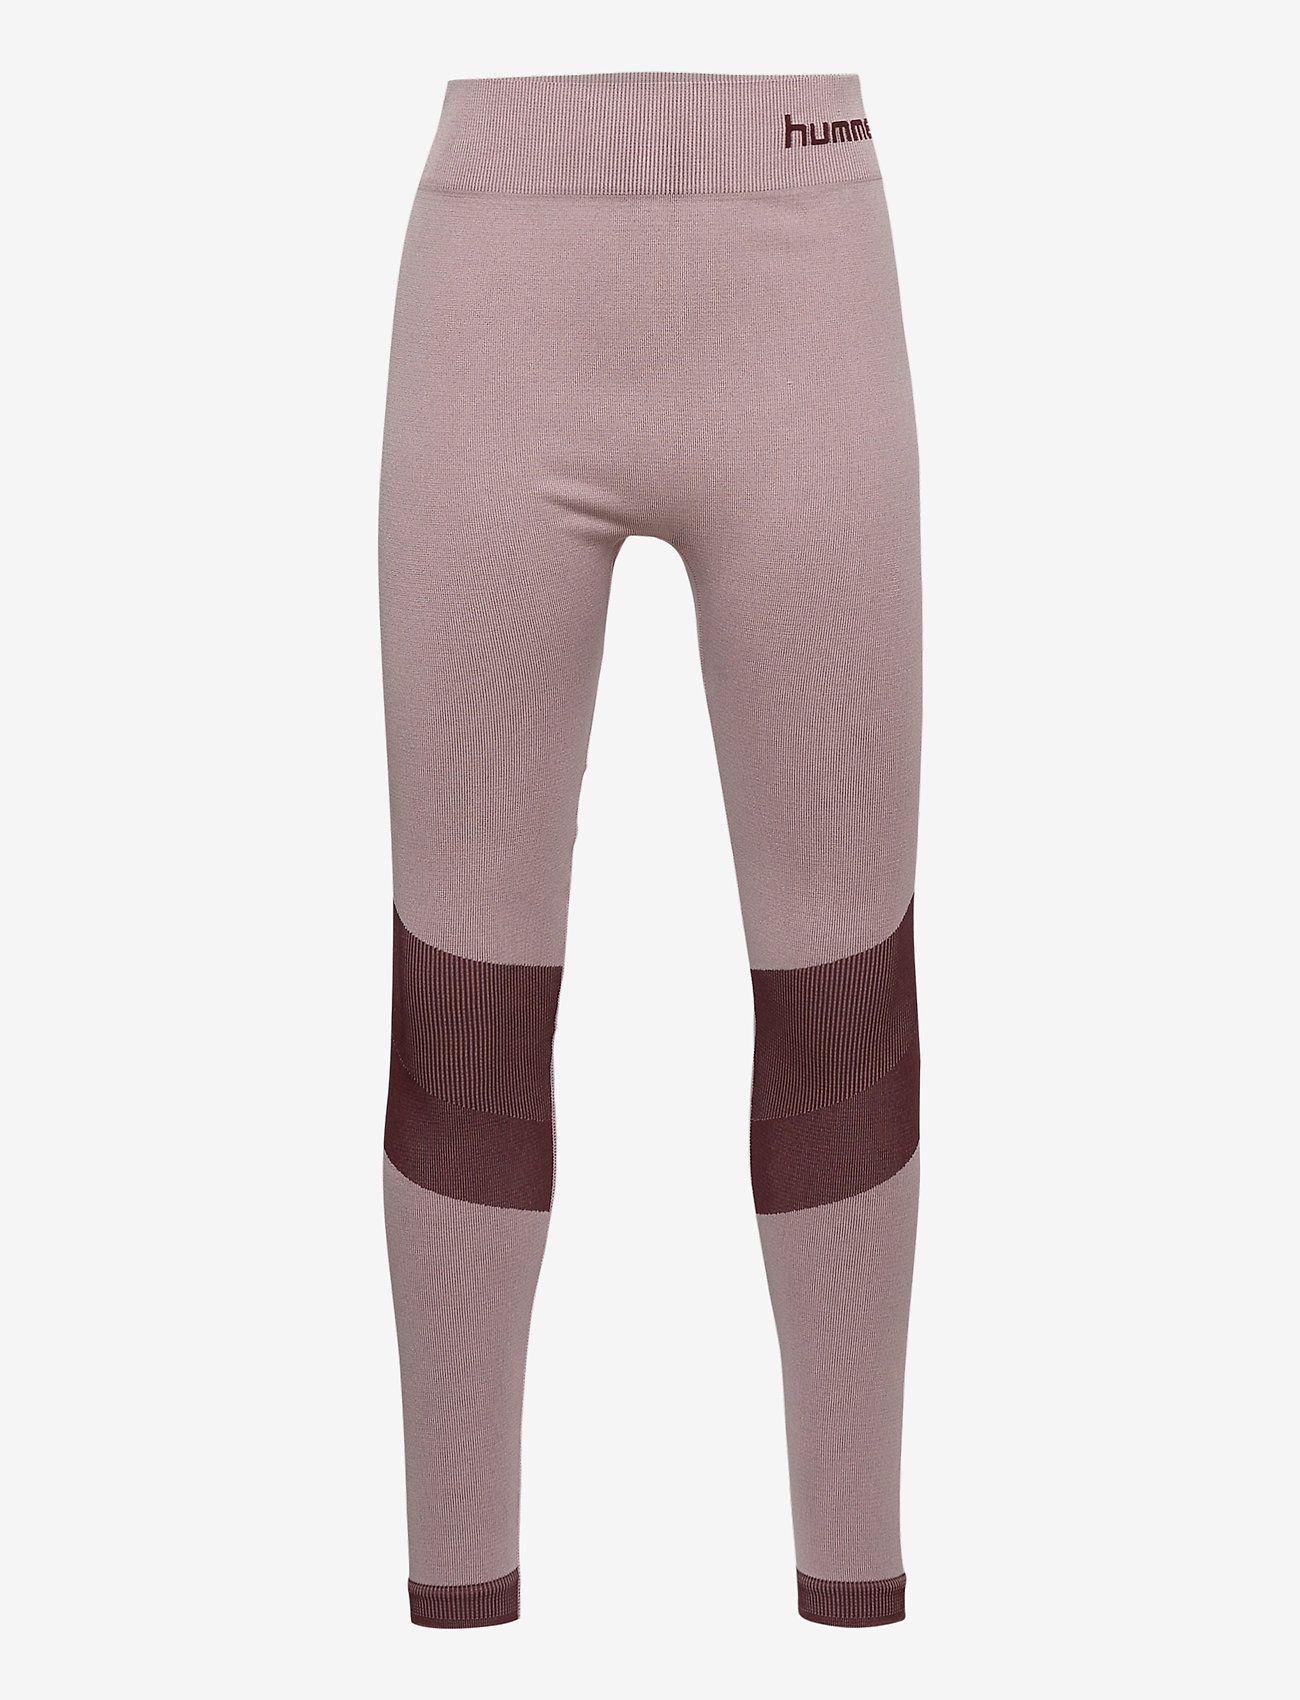 Hummel - hmlKITH SEAMLESS TIGHTS - leggings - deauville mauve - 0